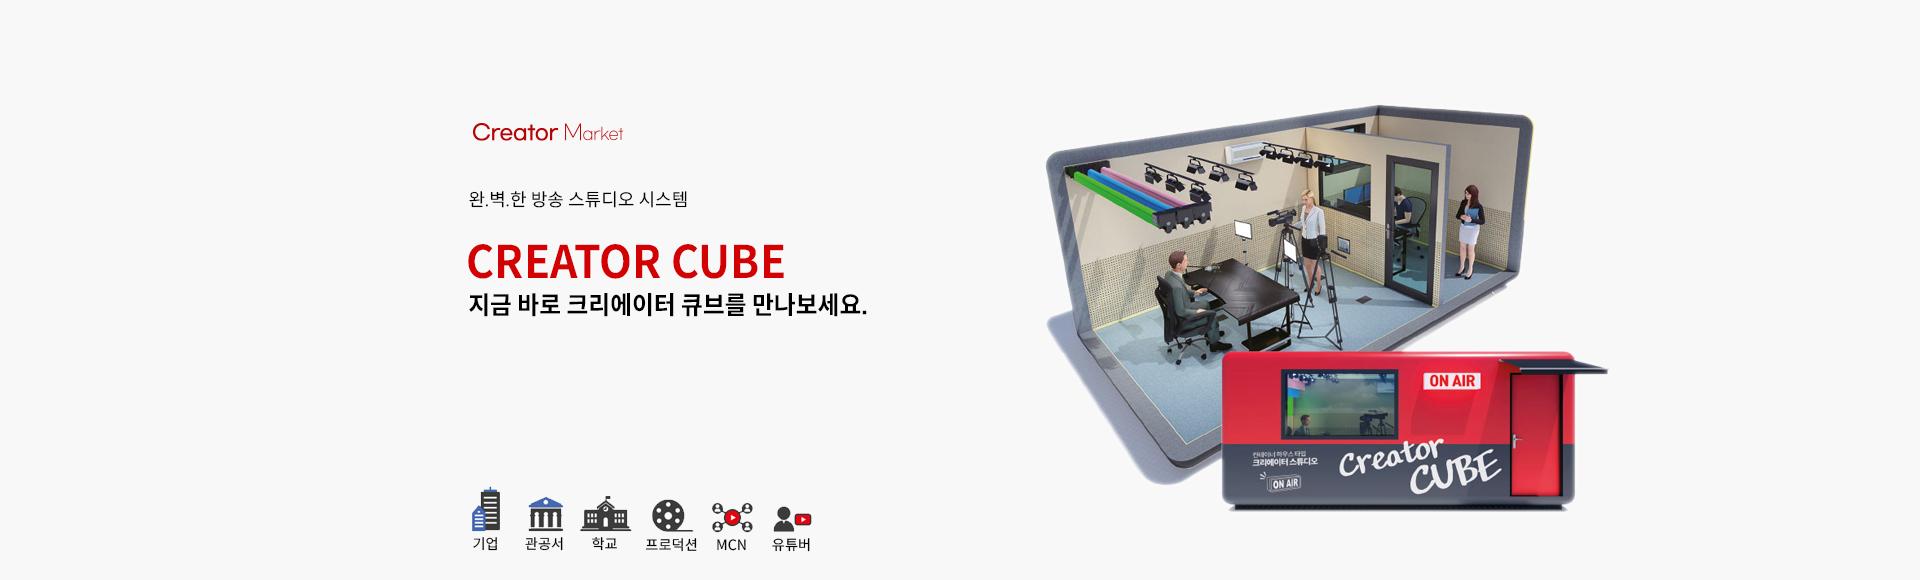 완벽한 방송 스튜디오 시스템 크리에이터 큐브